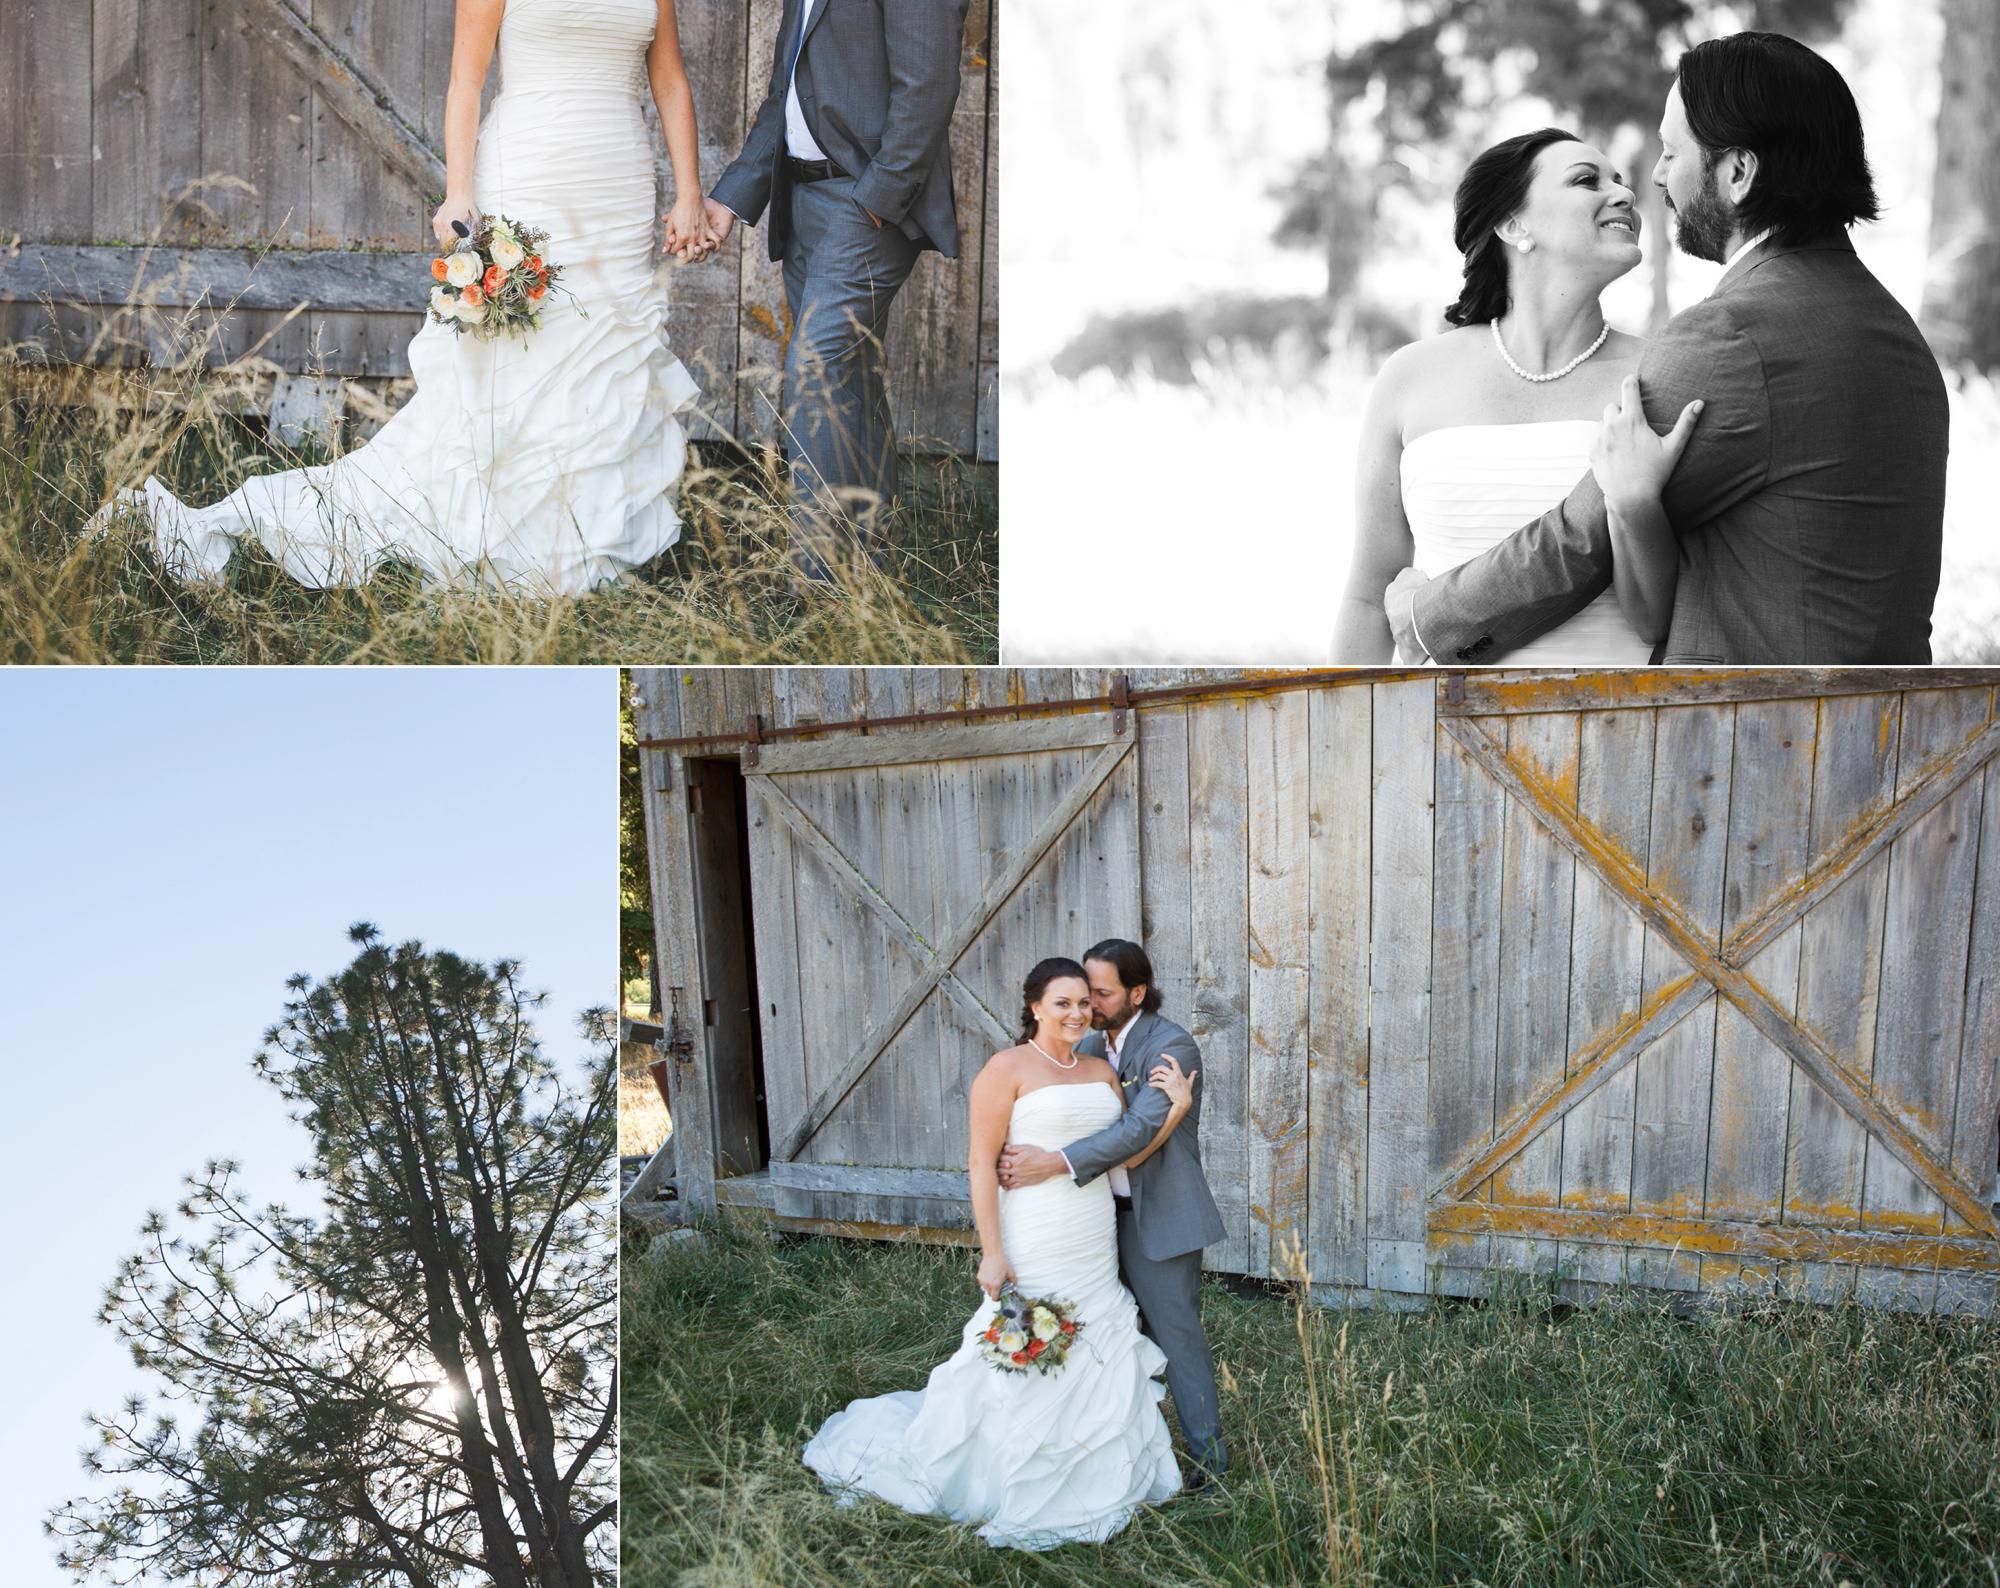 ashley vos photography seattle tacoma area wedding photographer_0811.jpg